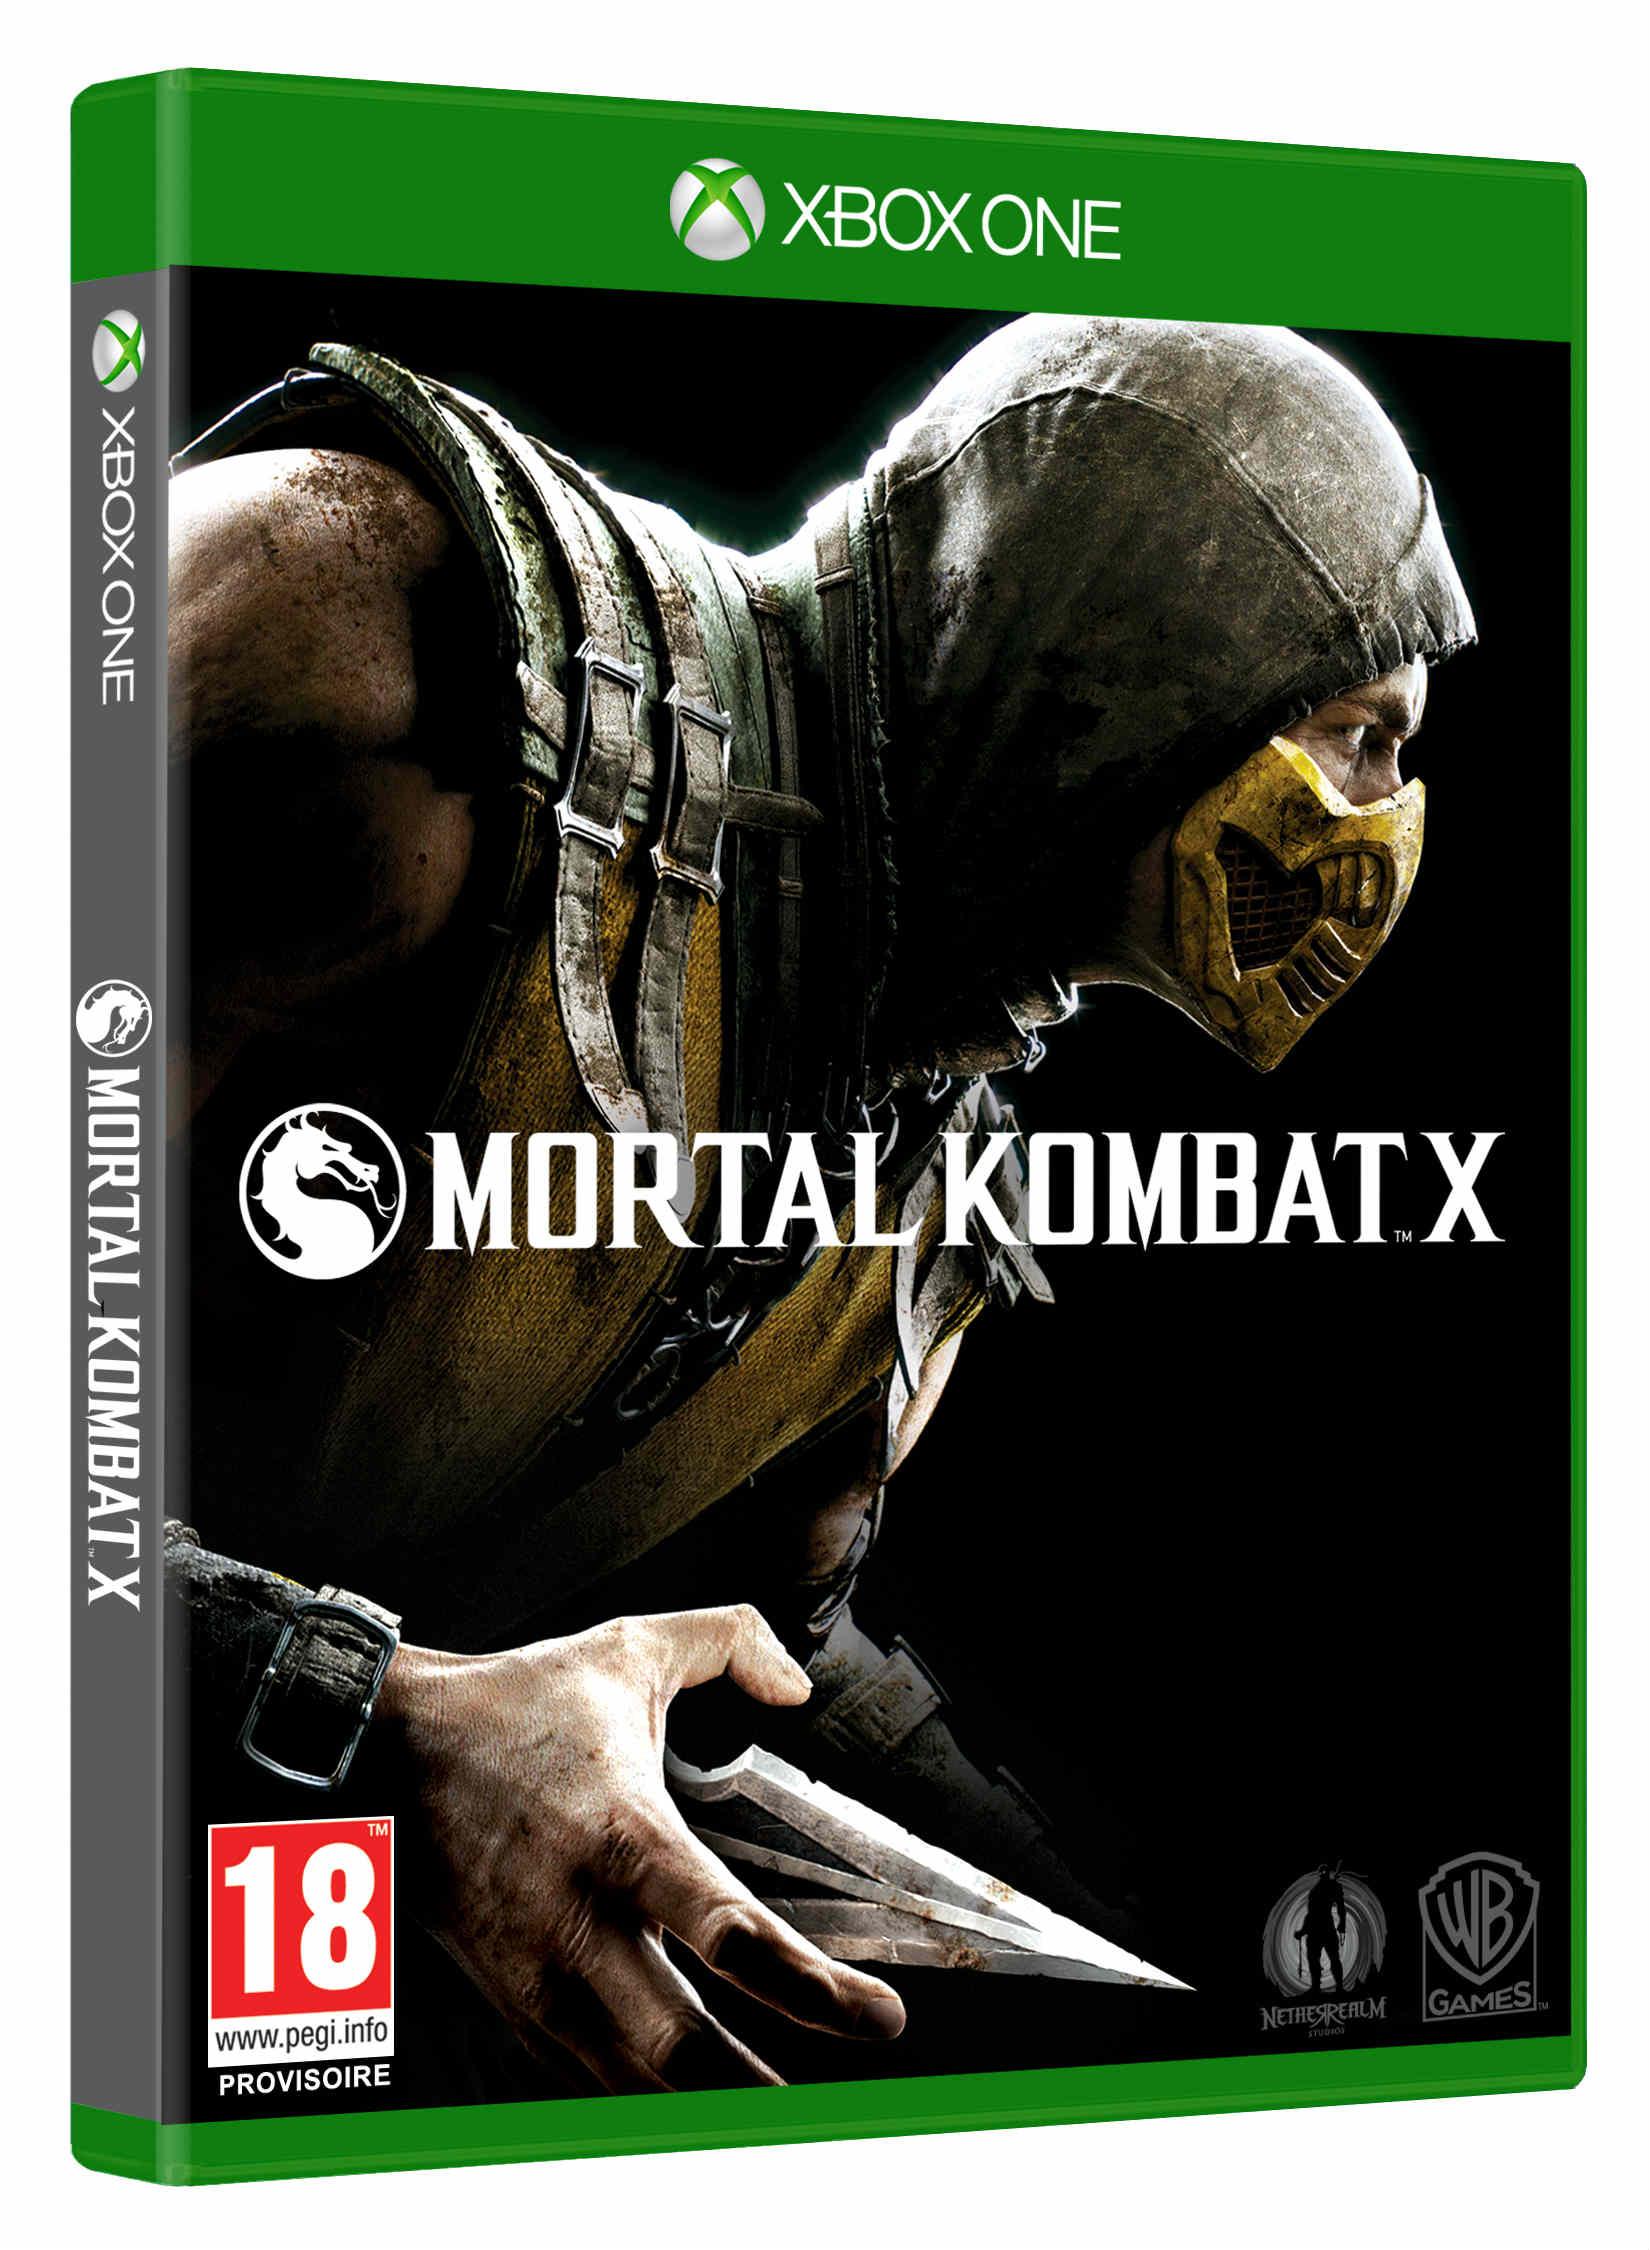 E3 2014 LE CHOC DES JEUX NEW GEN Mortal-kombat-x-xbox-one-boxart-1